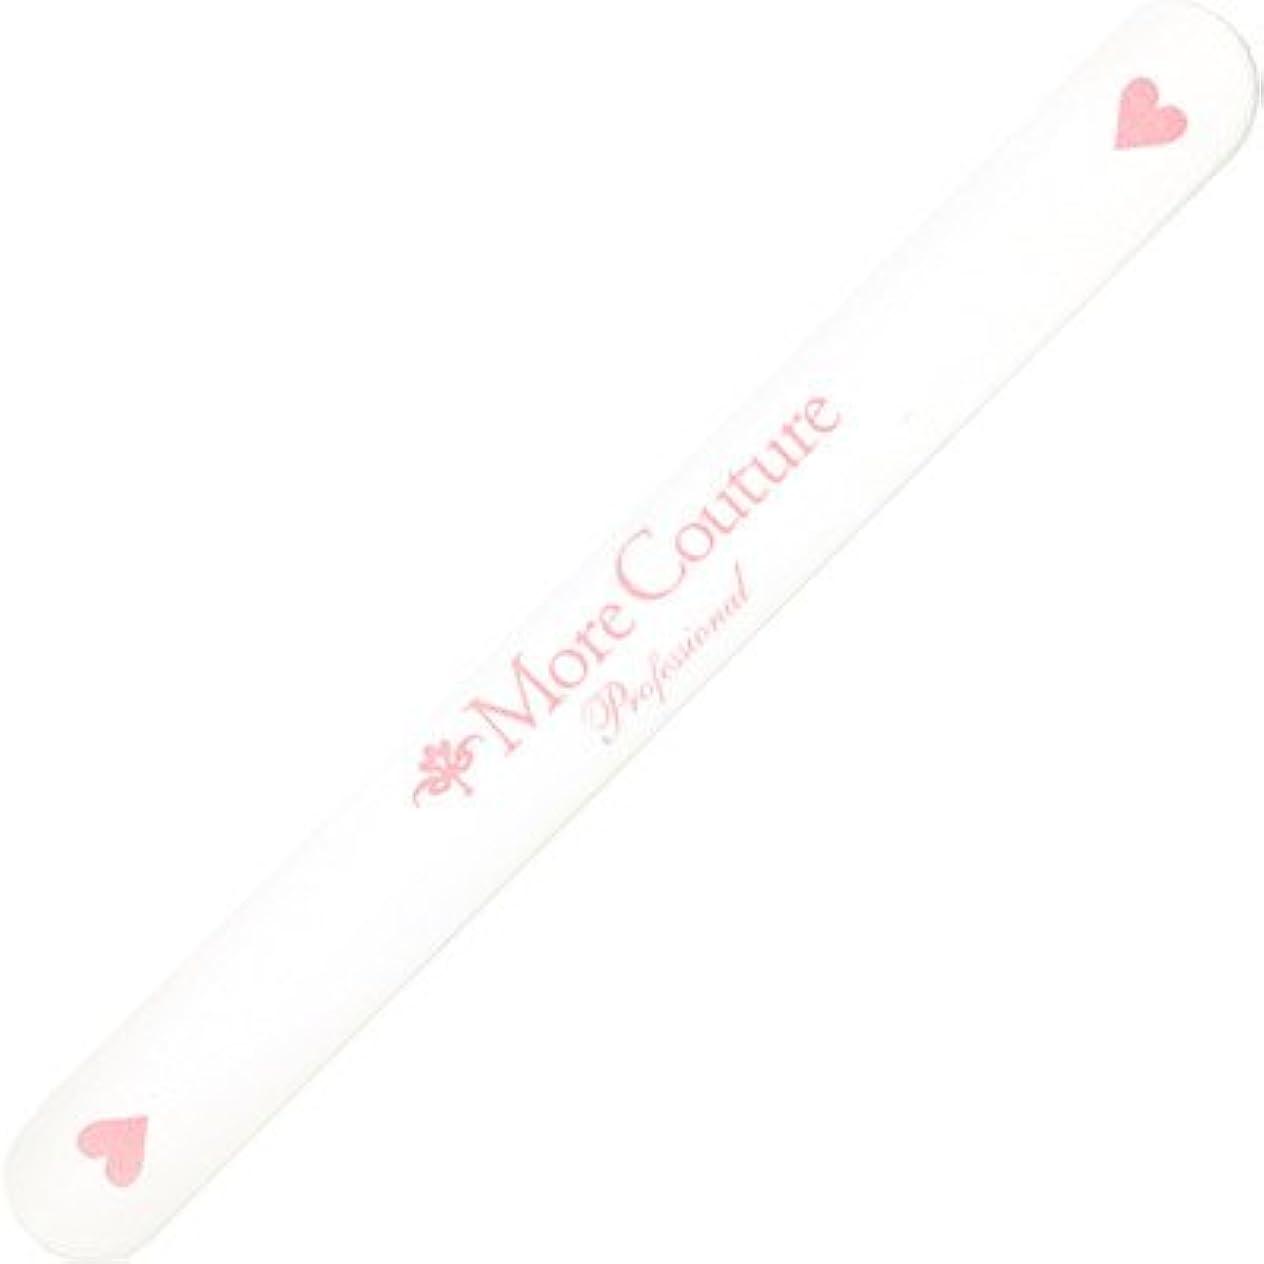 登録するゴージャス好意More Couture(モアクチュール)エメリーボード ハート#120/240